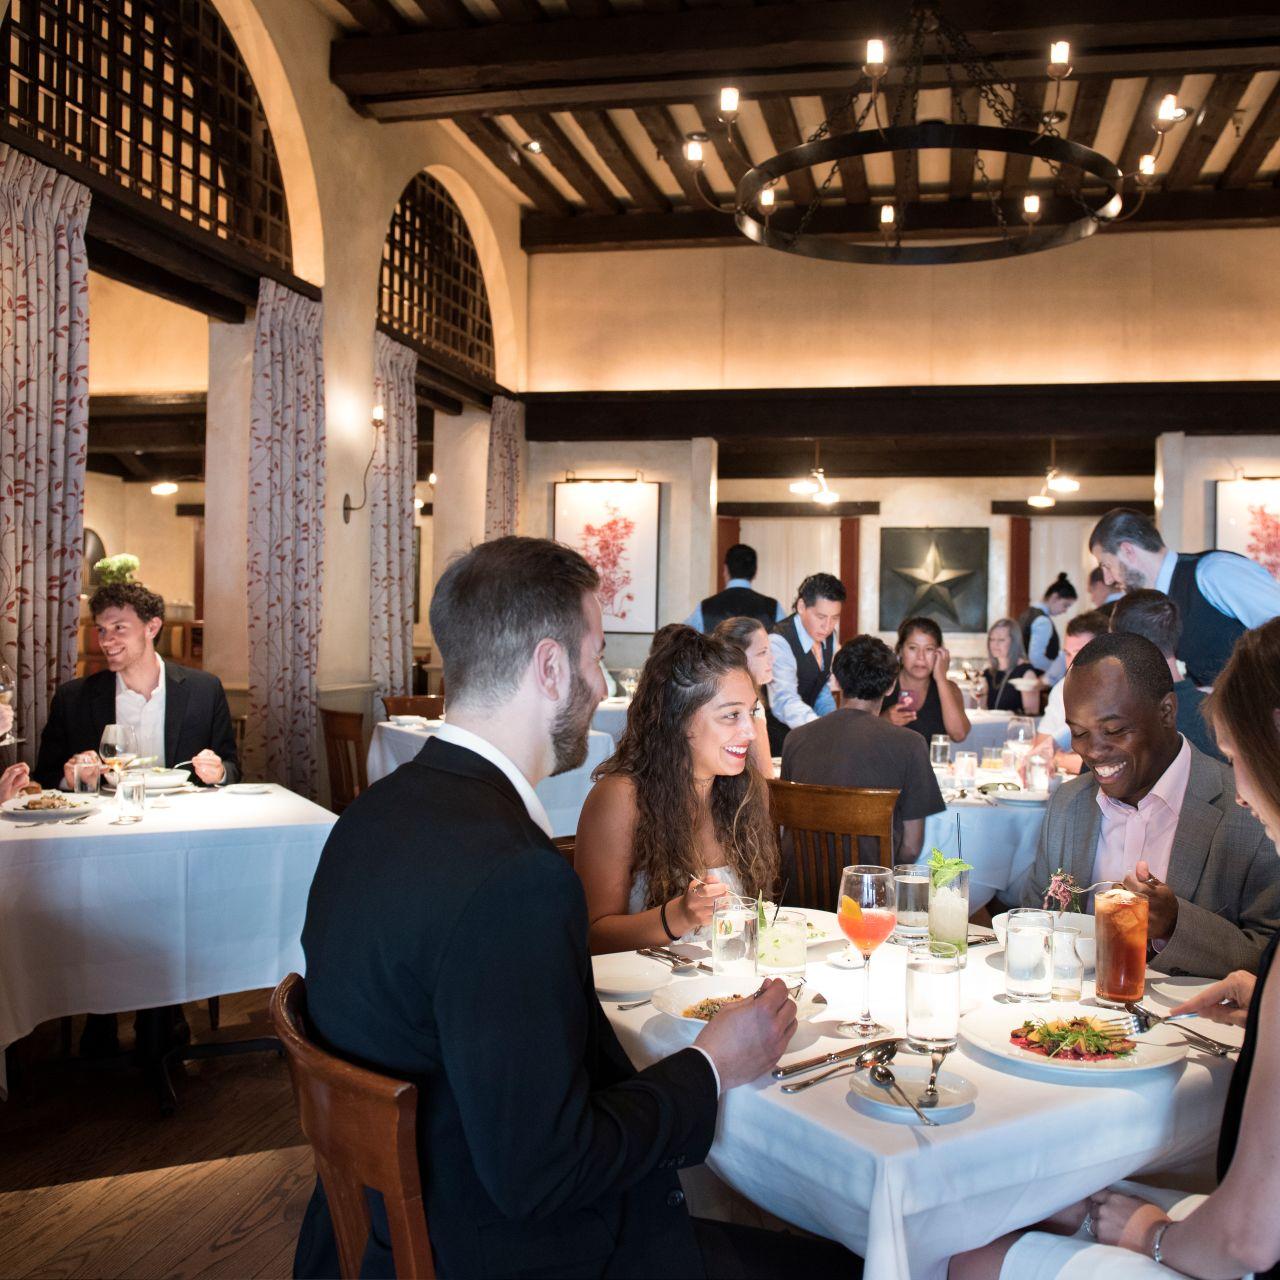 Gramercy Tavern Restaurant - New York